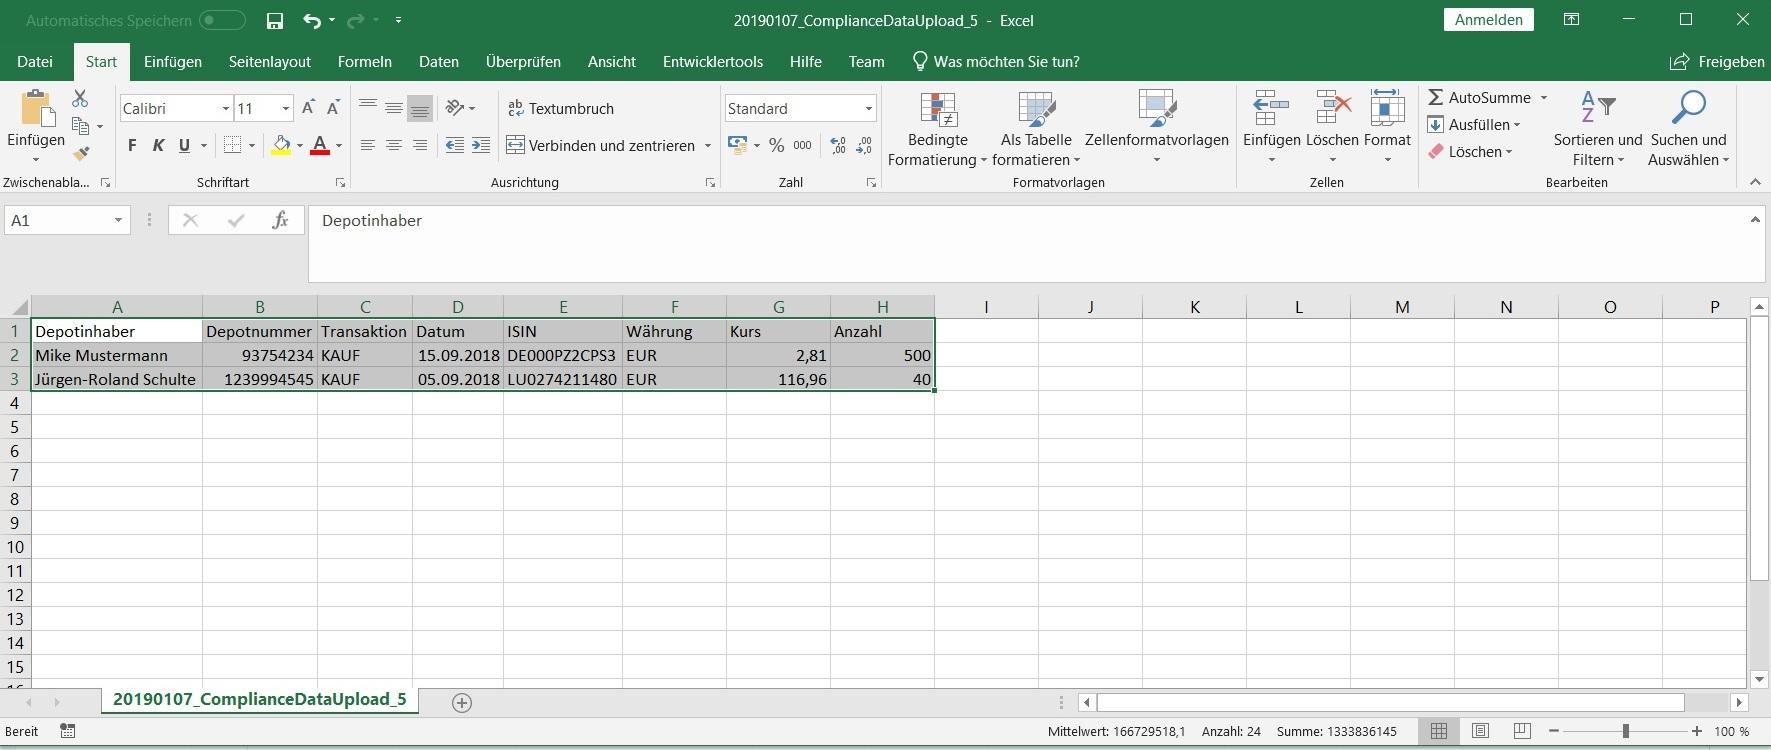 Abbildung 6:  Export der relevanten Daten im gewünschten Dateiformat (z.B. Excel, csv) und Layout zwecks Transfer, Weiterverarbeitung und/oder Archivierung in Bestandssystemen. Quelle: Finbridge GmbH & Co. KG